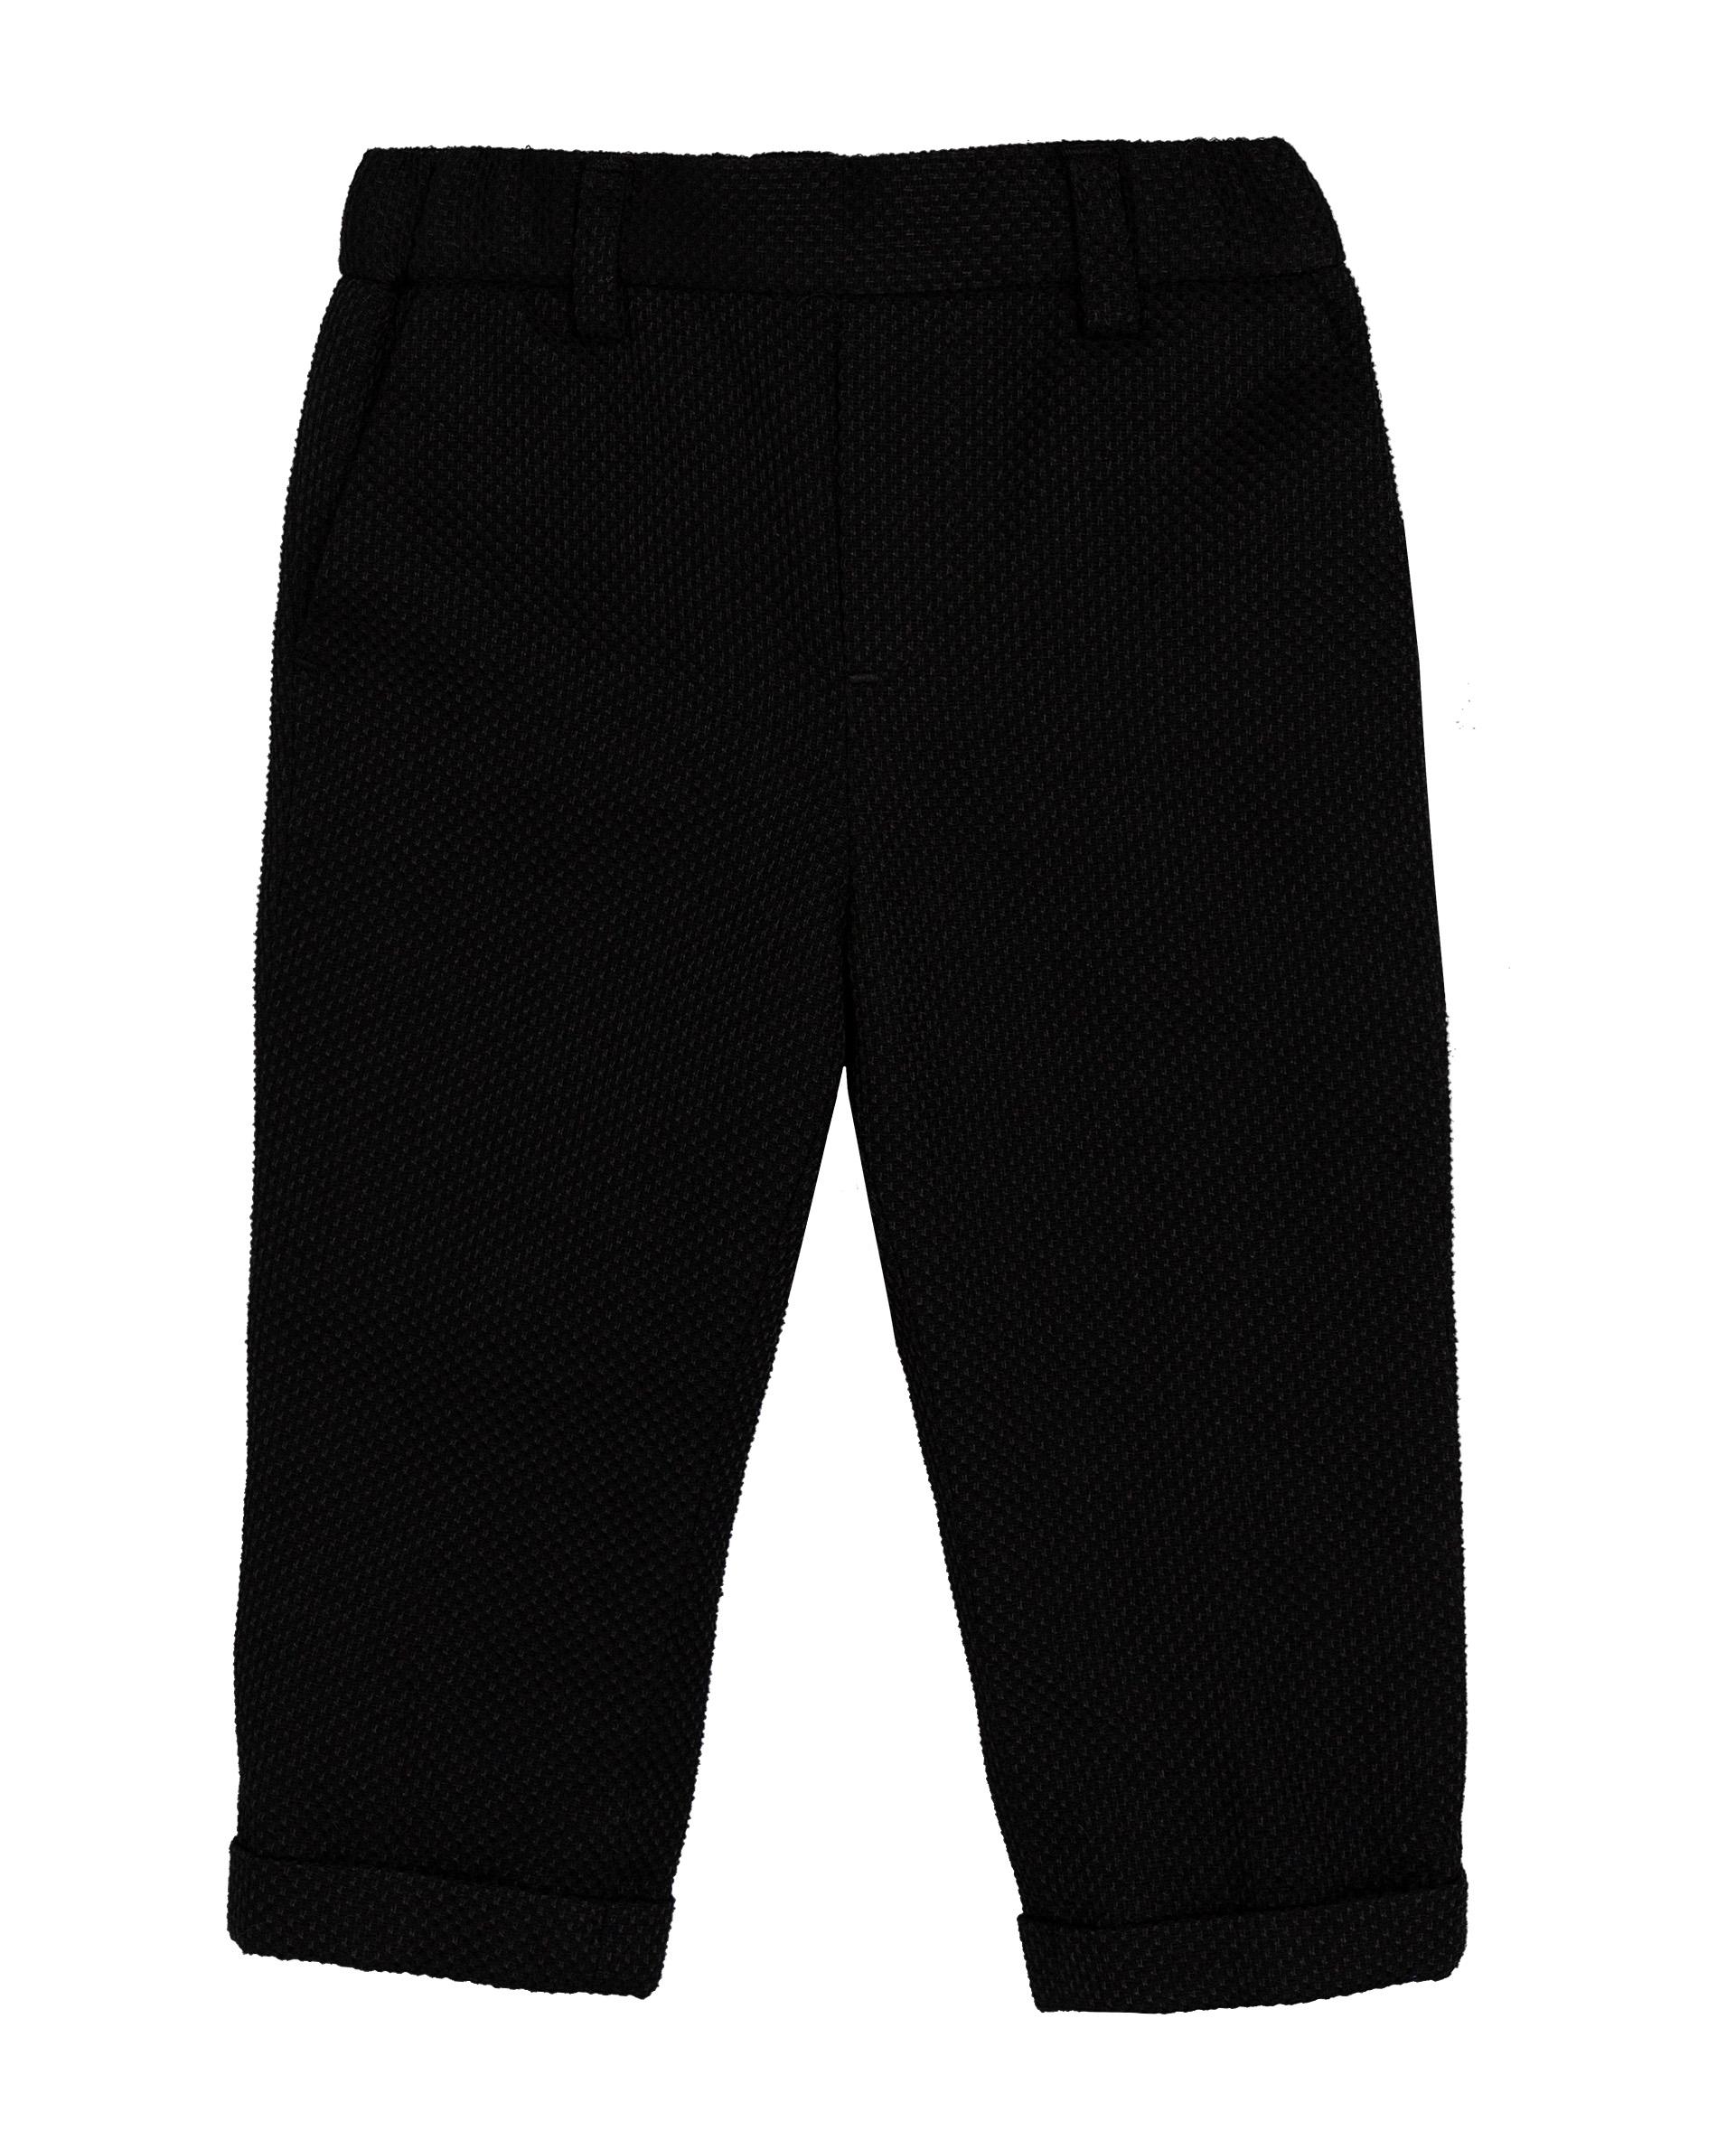 Купить 219GPBBC6301, Черные брюки Gulliver, Gulliver Baby, черный, 86, Мужской, ОСЕНЬ/ЗИМА 2020-2021 (shop: GulliverMarket Gulliver Market)